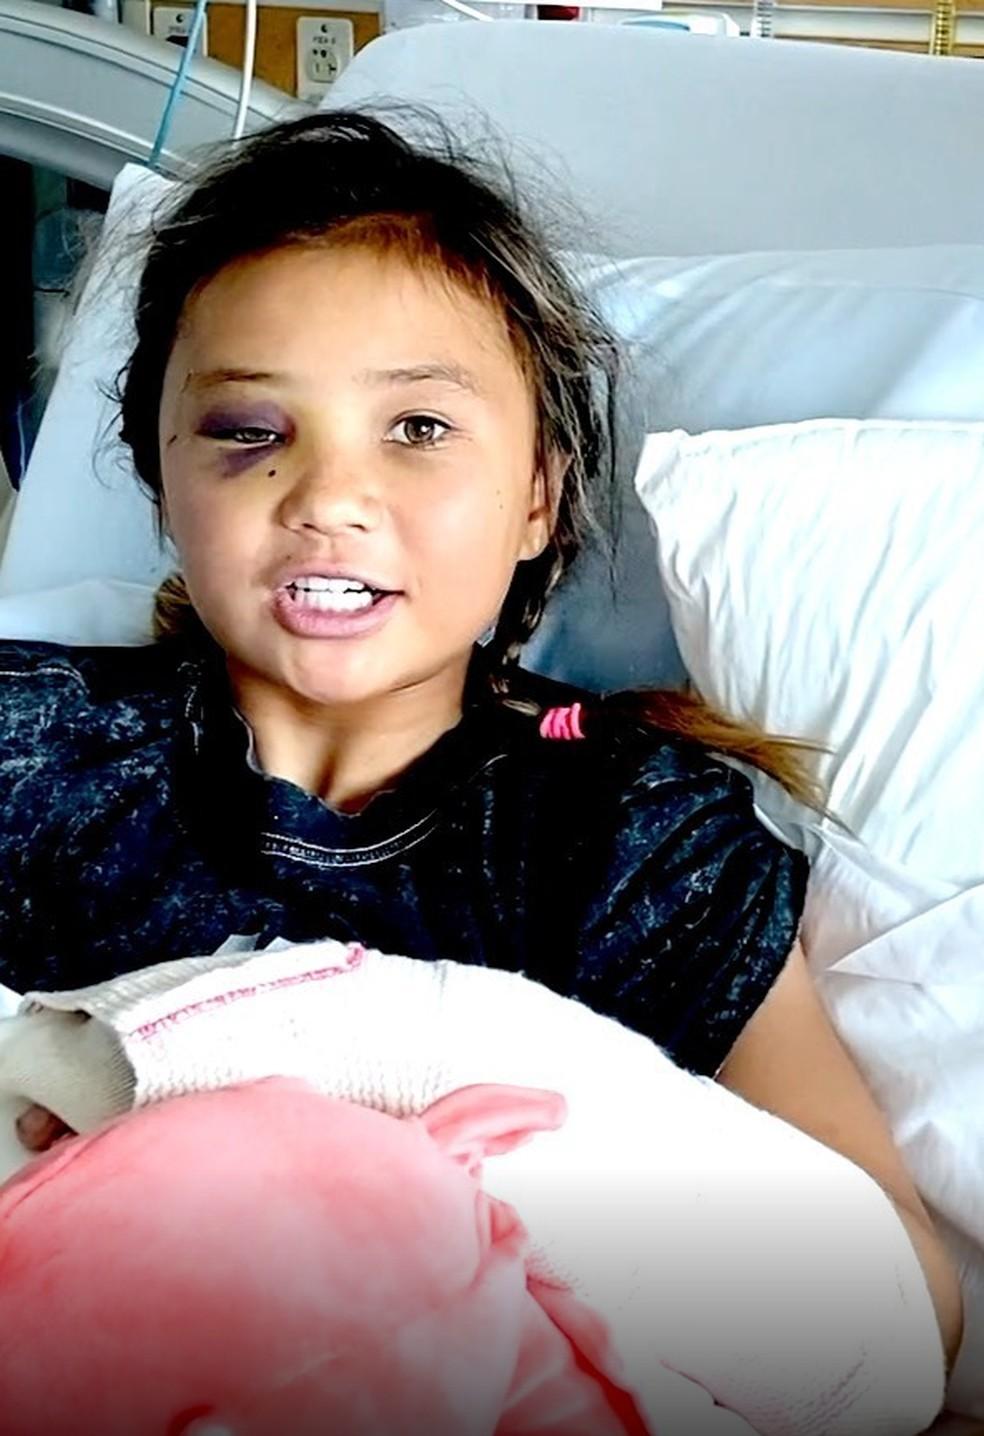 Skatista Sky Brown sofre acidente de skate ao cair de uma altura de 4 metros no halfpipe — Foto: Reprodução/redes sociais